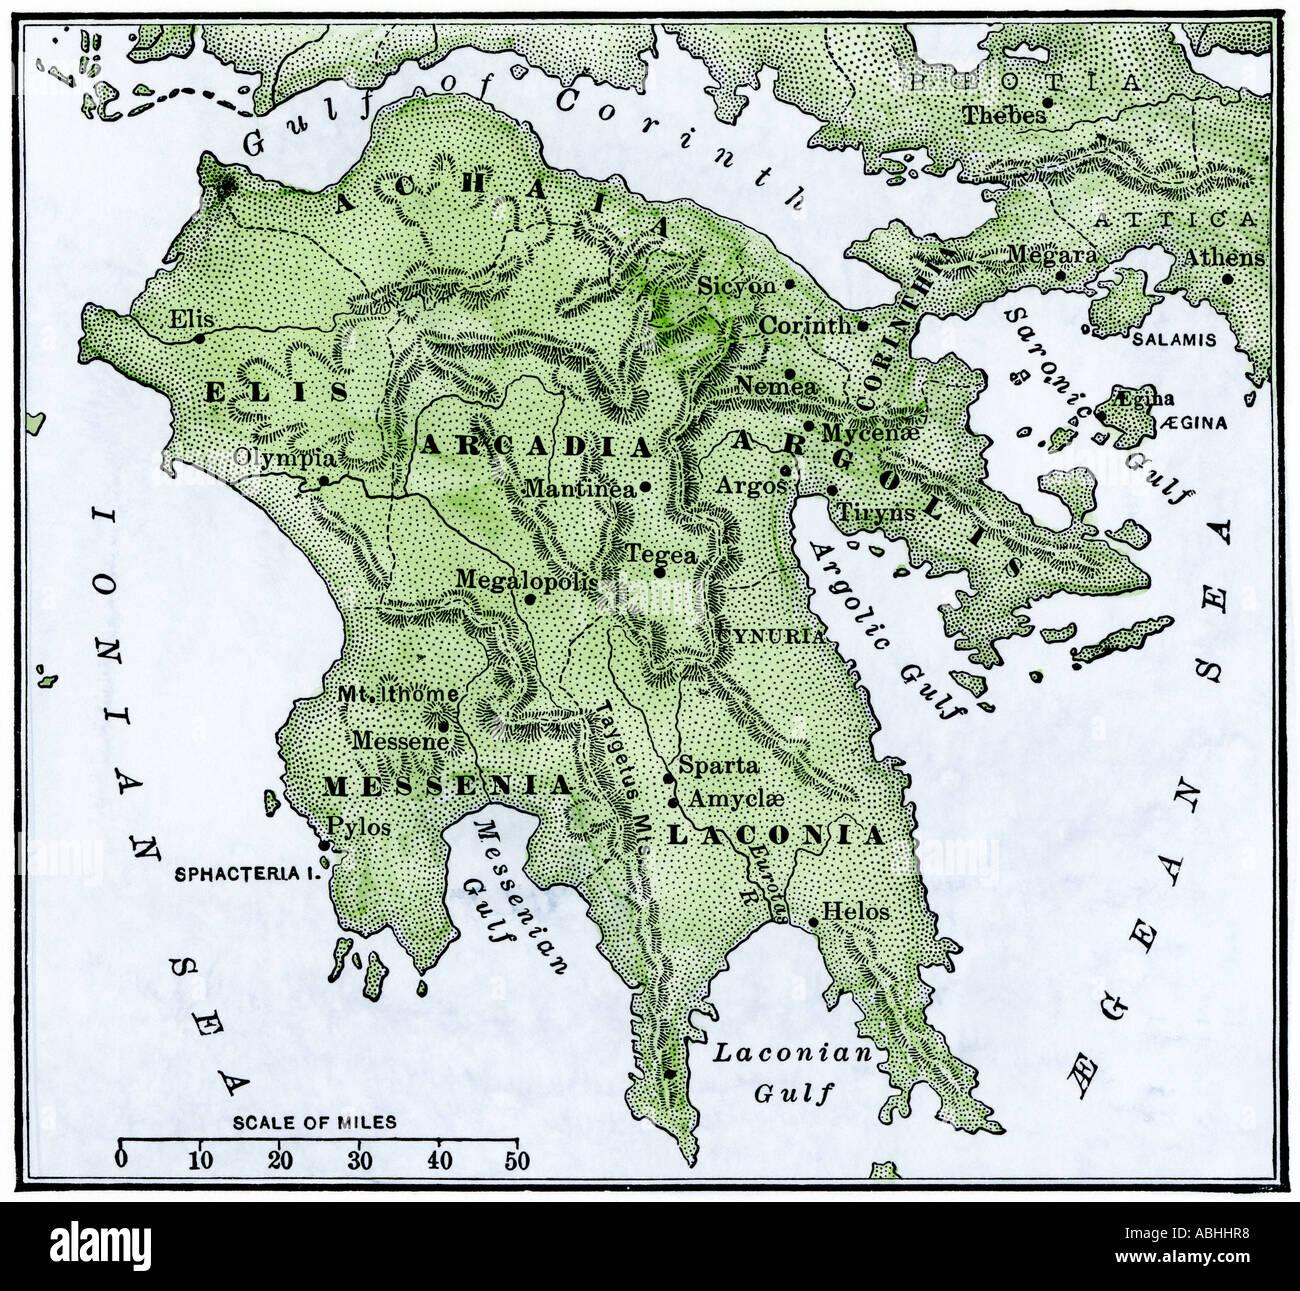 Peloponnes Karte Regionen.Griechenland Karte Stockfotos Griechenland Karte Bilder Alamy